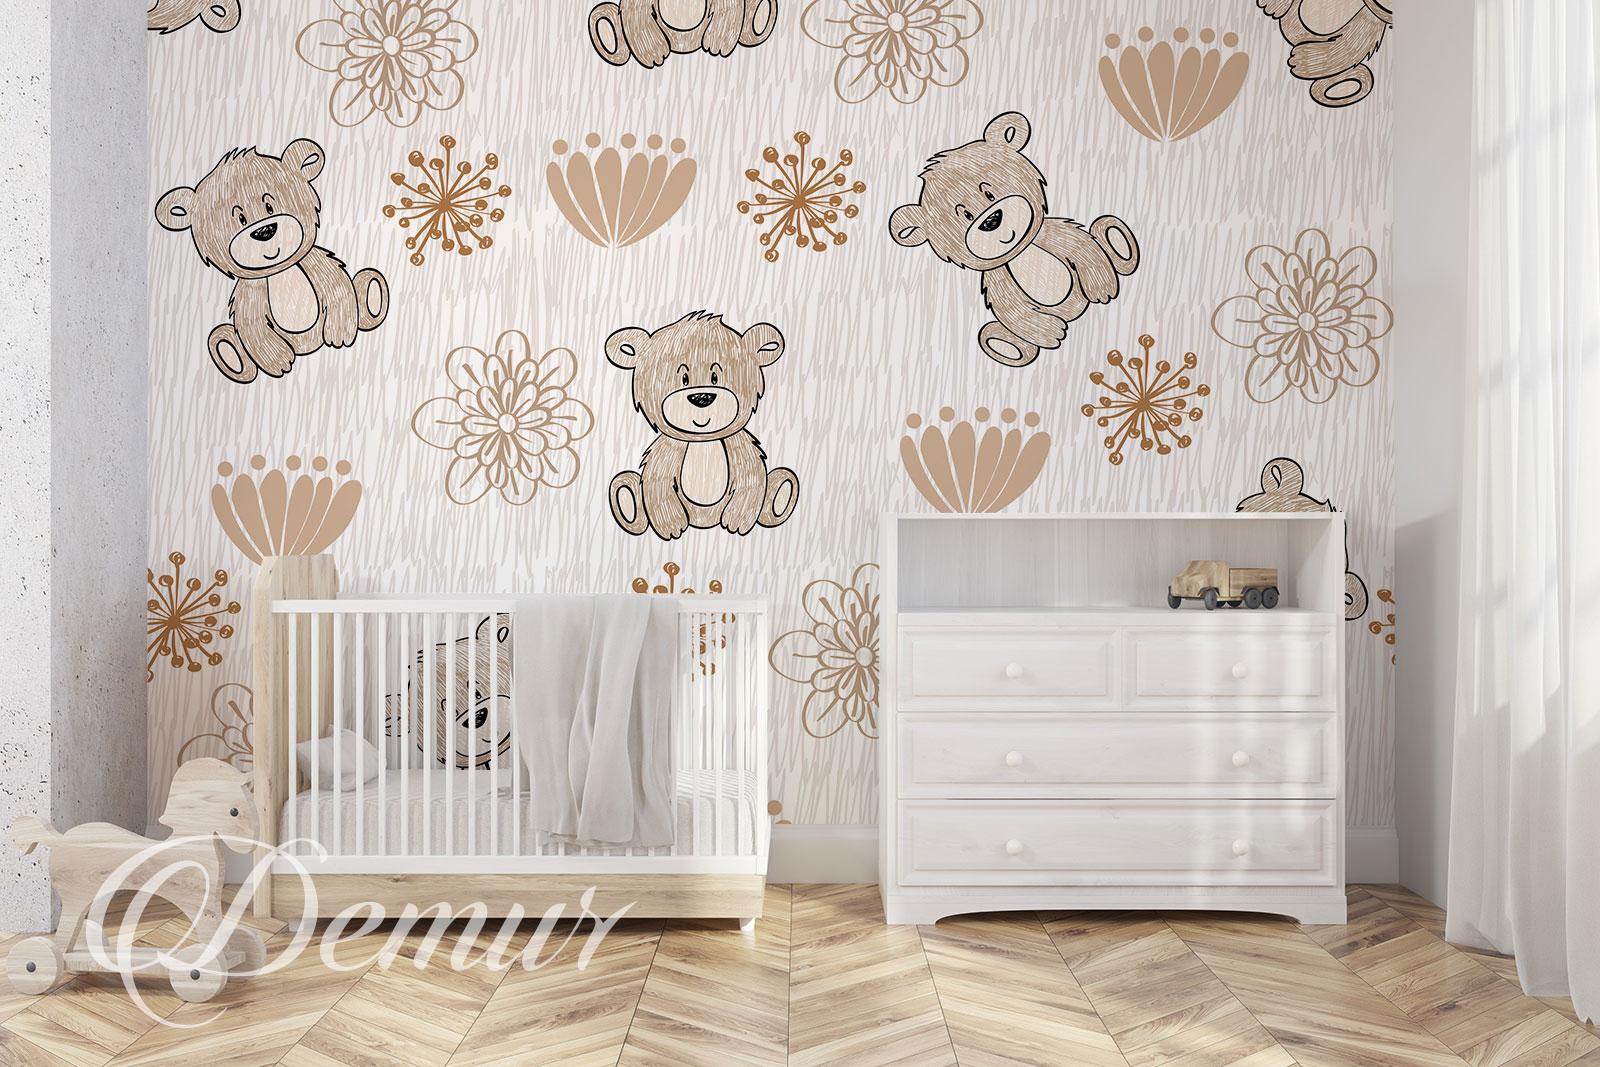 Fototapeta Misie - Pomysł na ścianę w pokoju dziecięcym - Demur